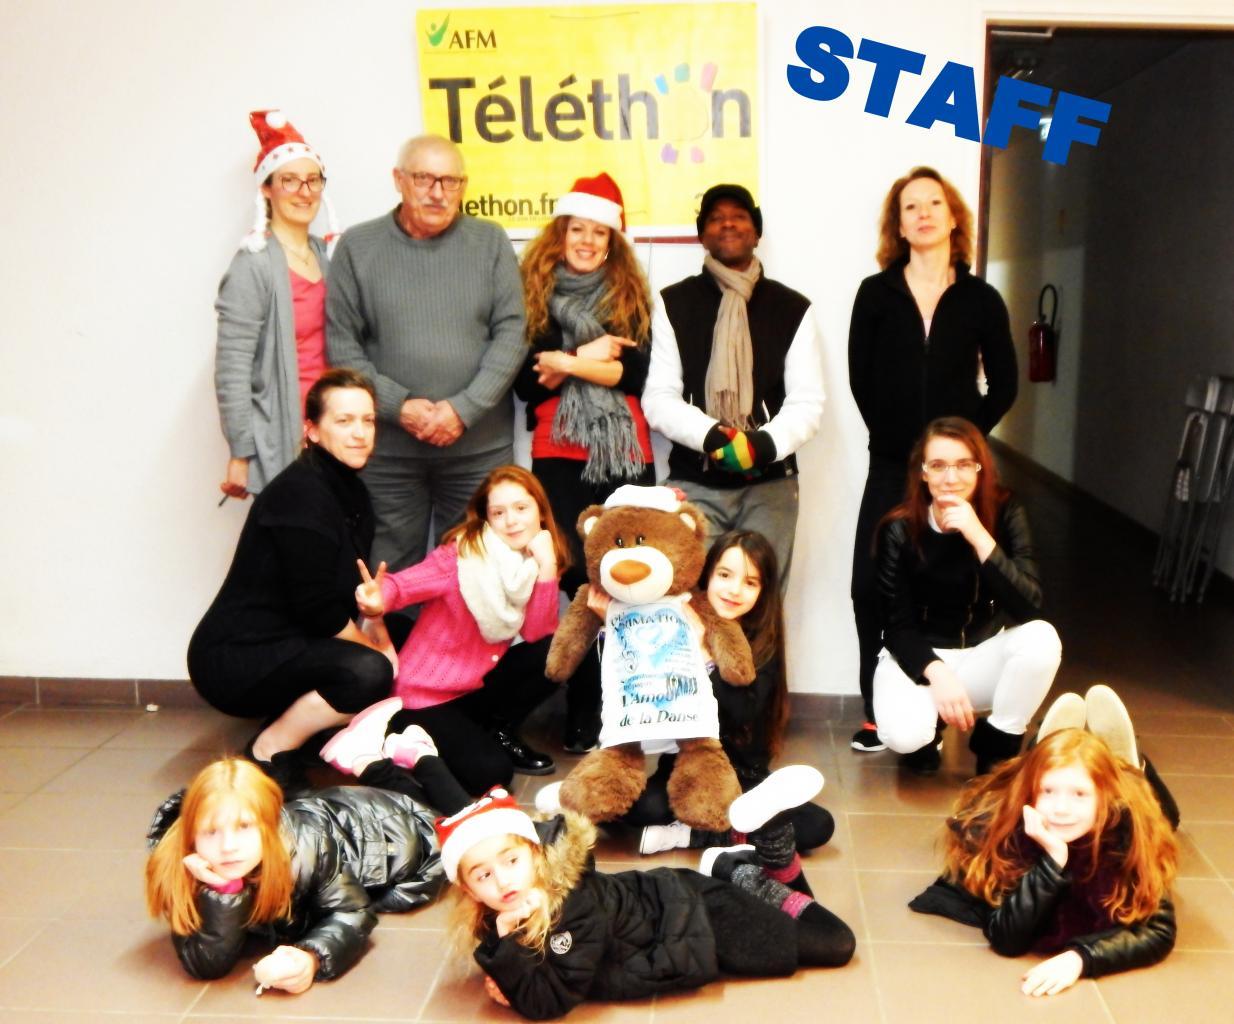 4 décembre 2016 Téléthon : Le Staff